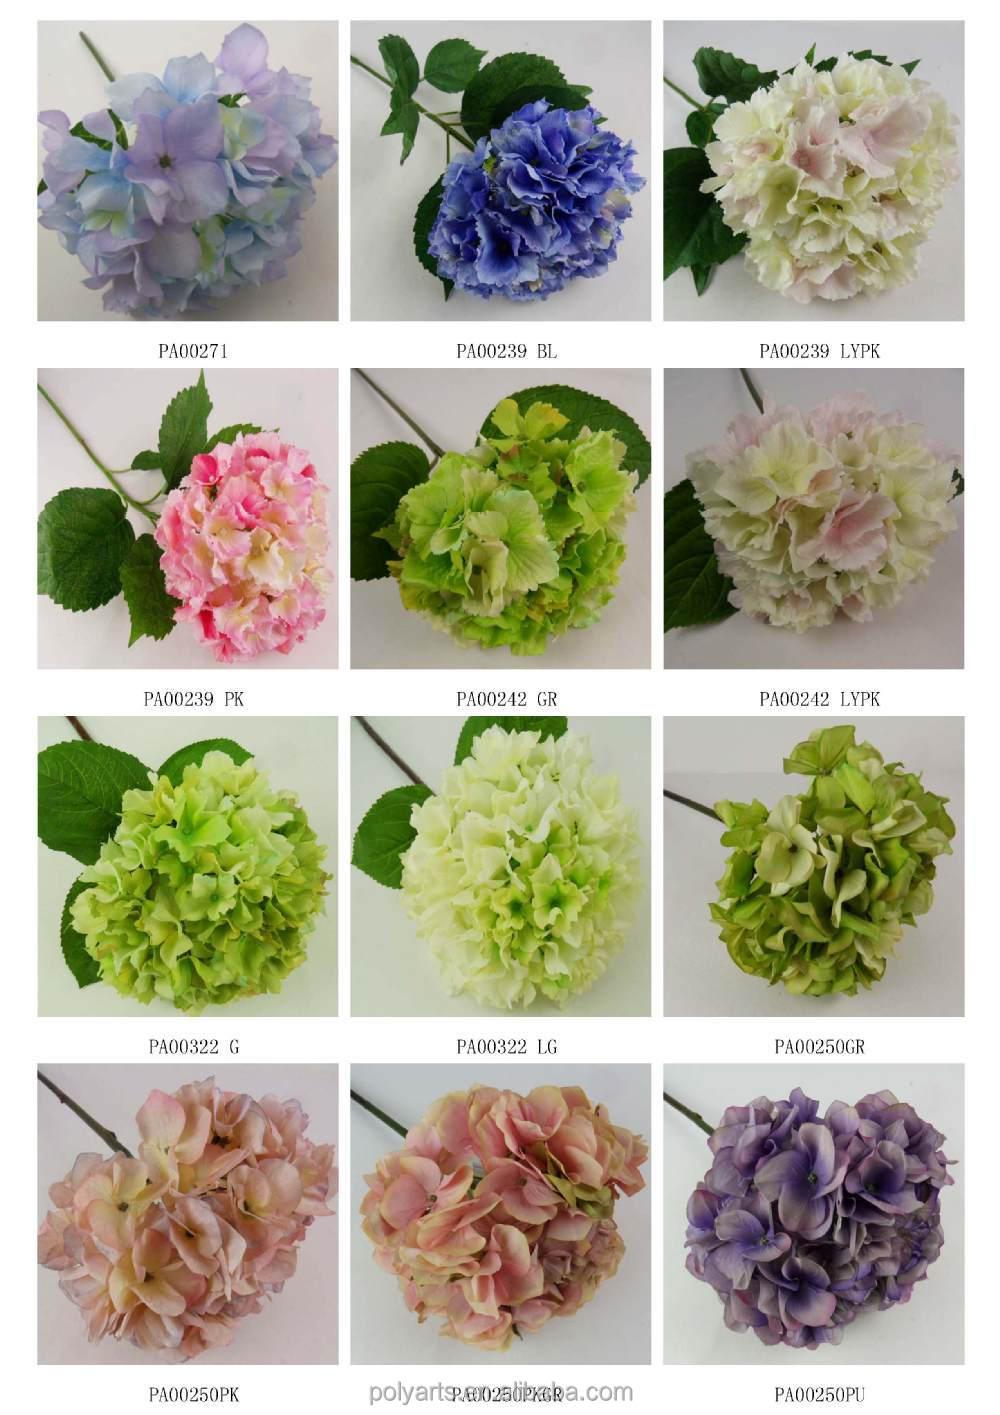 33 cone hydrangea flowerlime green hydrangea flowerhigh quality xp hydrangea1g xp hydrangea2g mightylinksfo